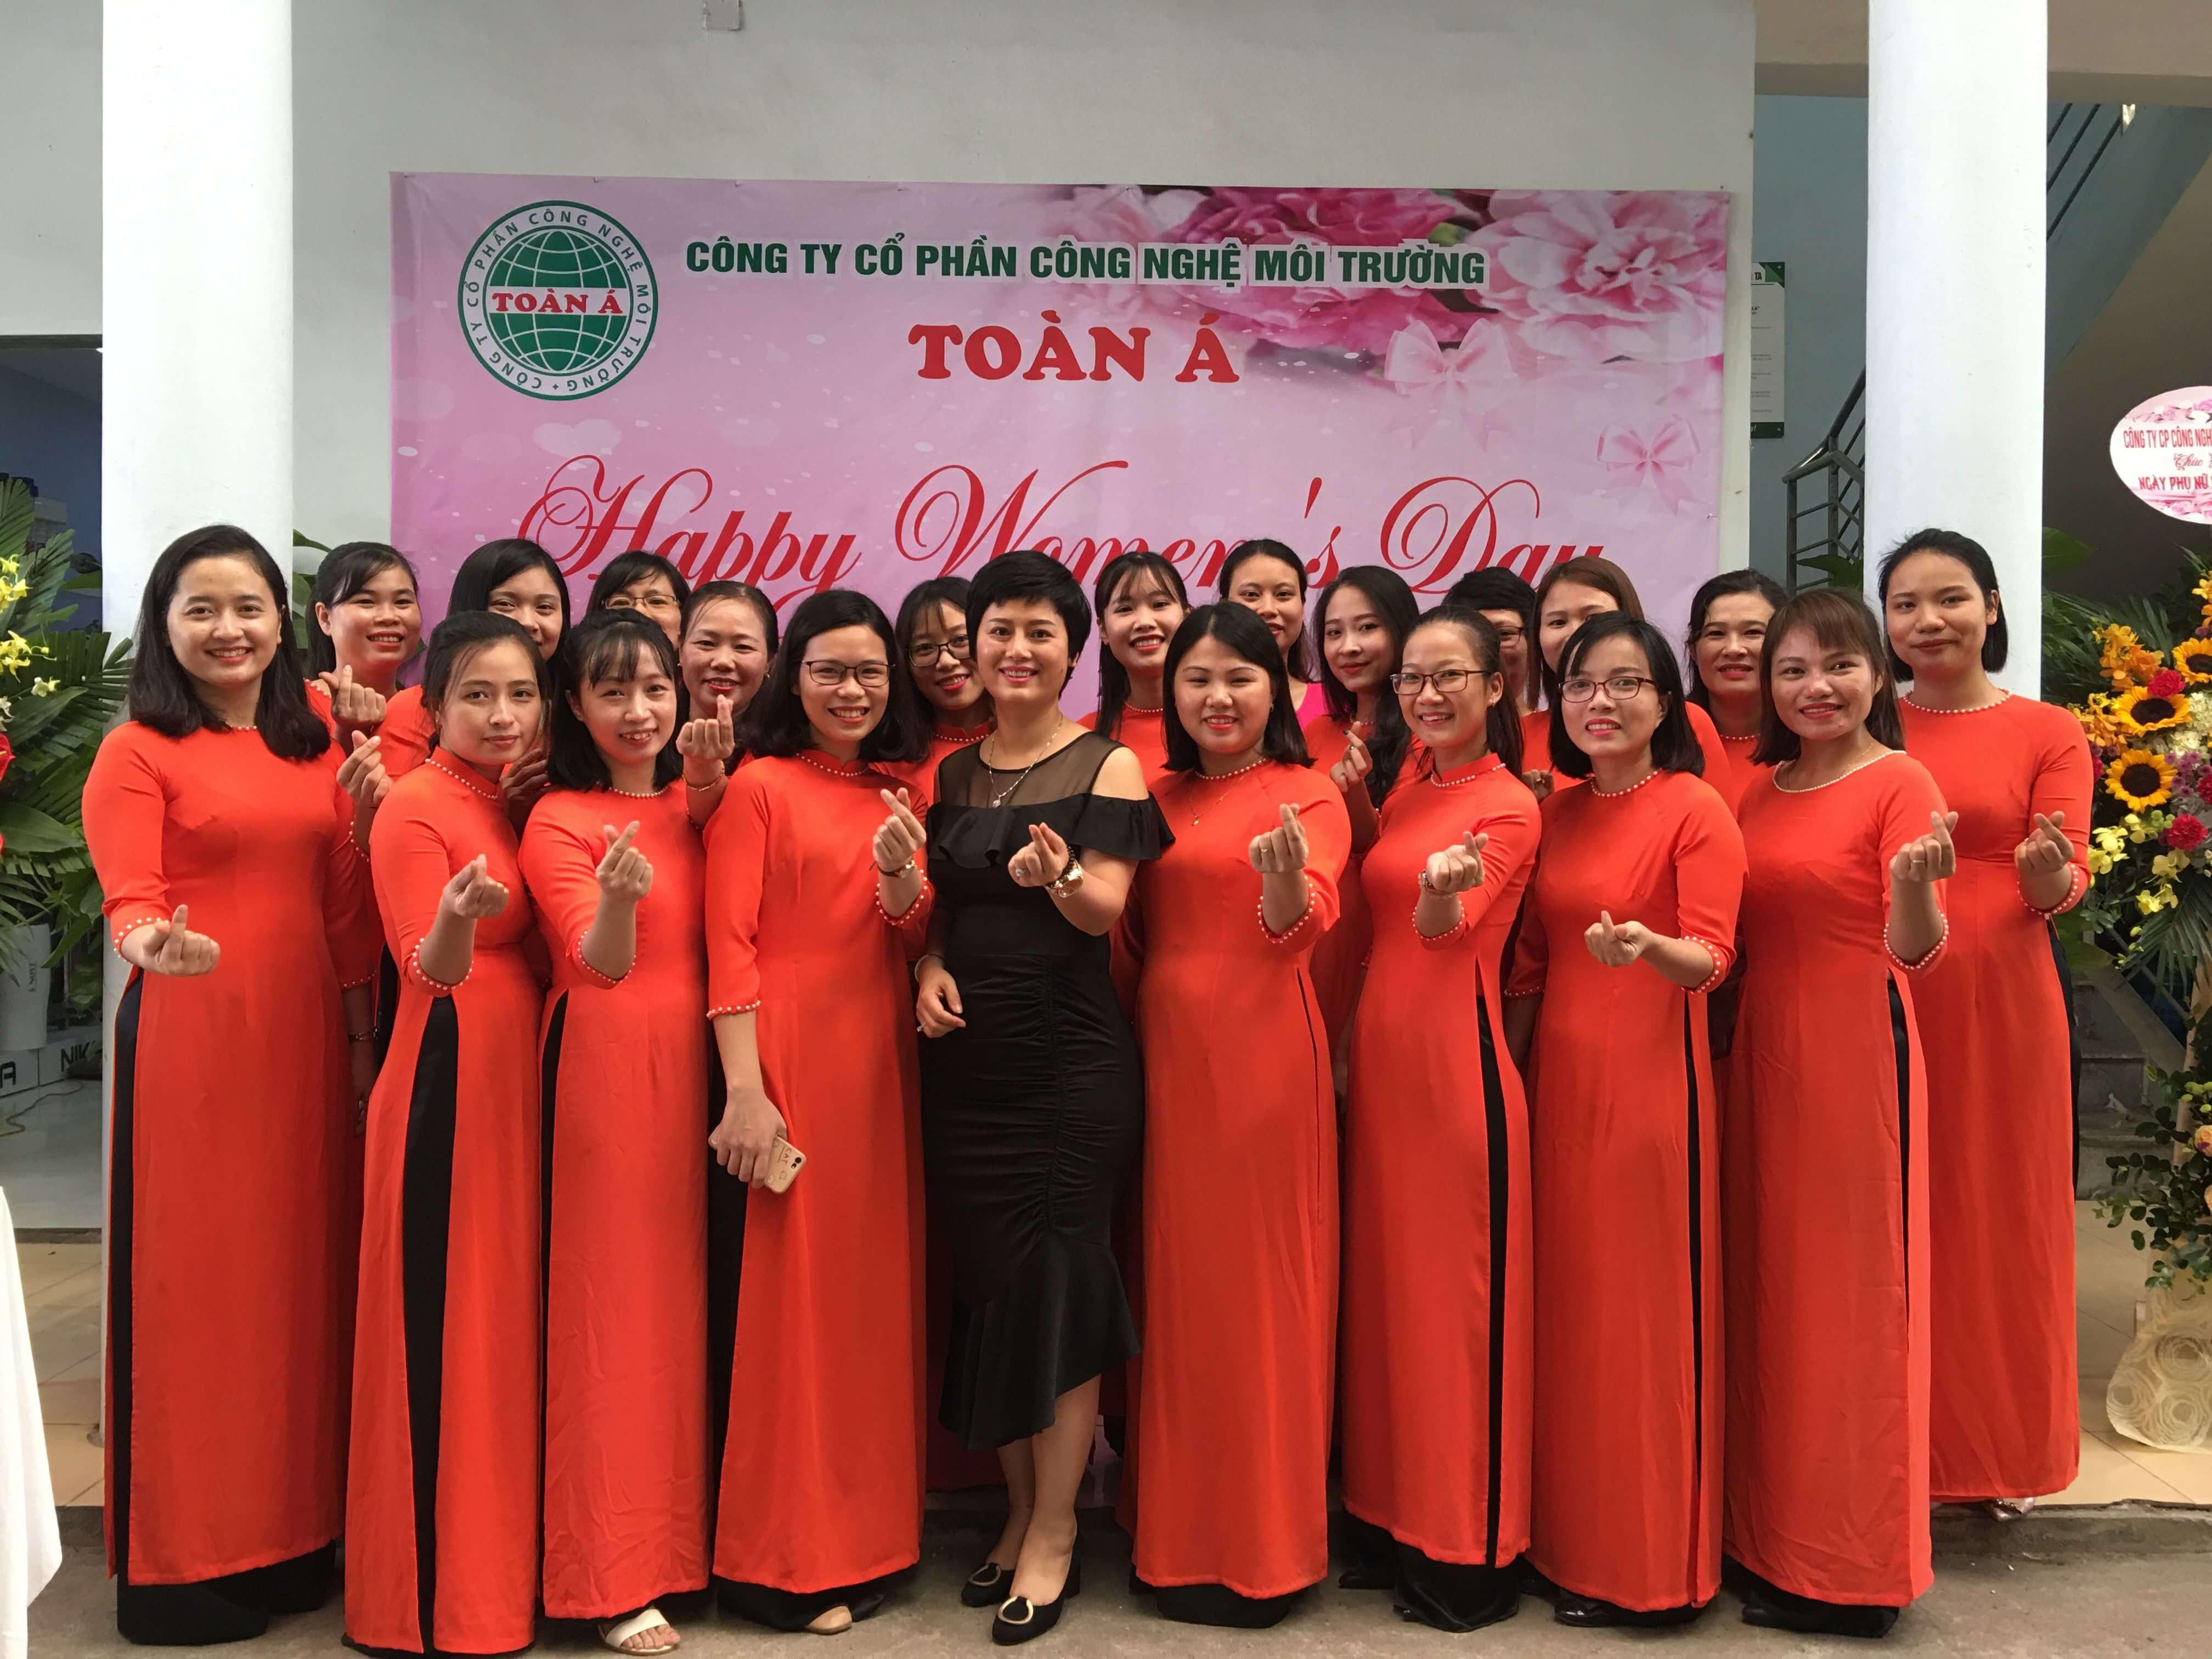 Toàn Á chào mừng ngày phụ nữ Việt Nam 20-10